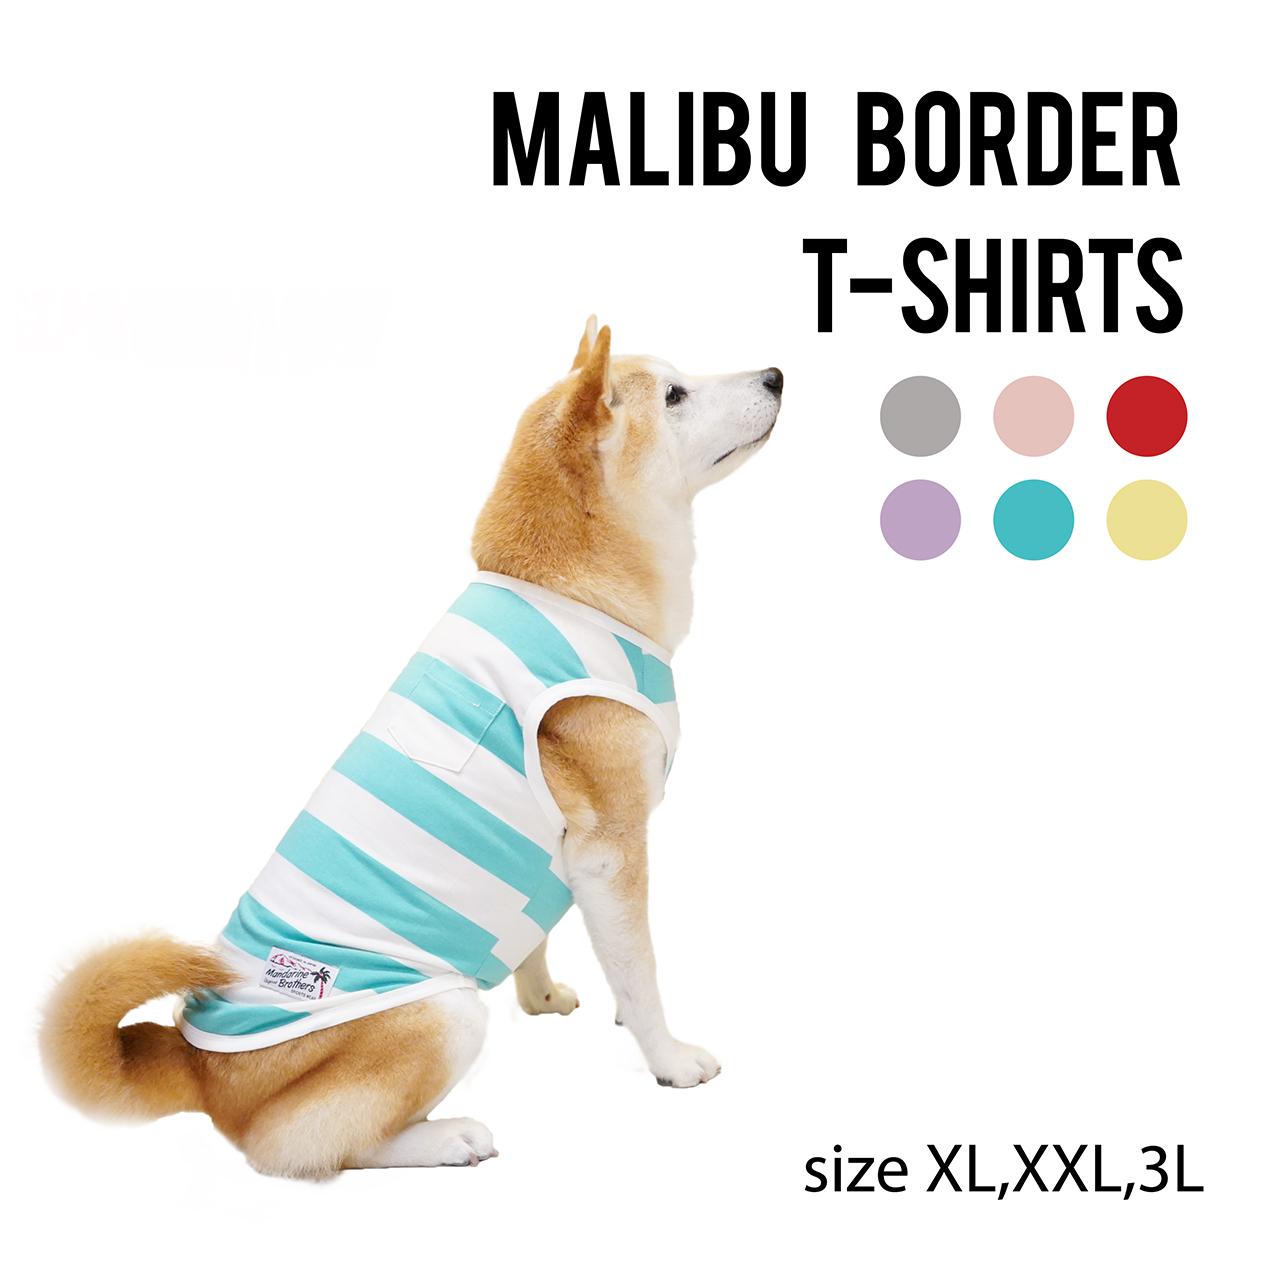 【SALE】MALIBU BORDER T-SHIRTS(XL~3L) マリブボーダーTシャツ